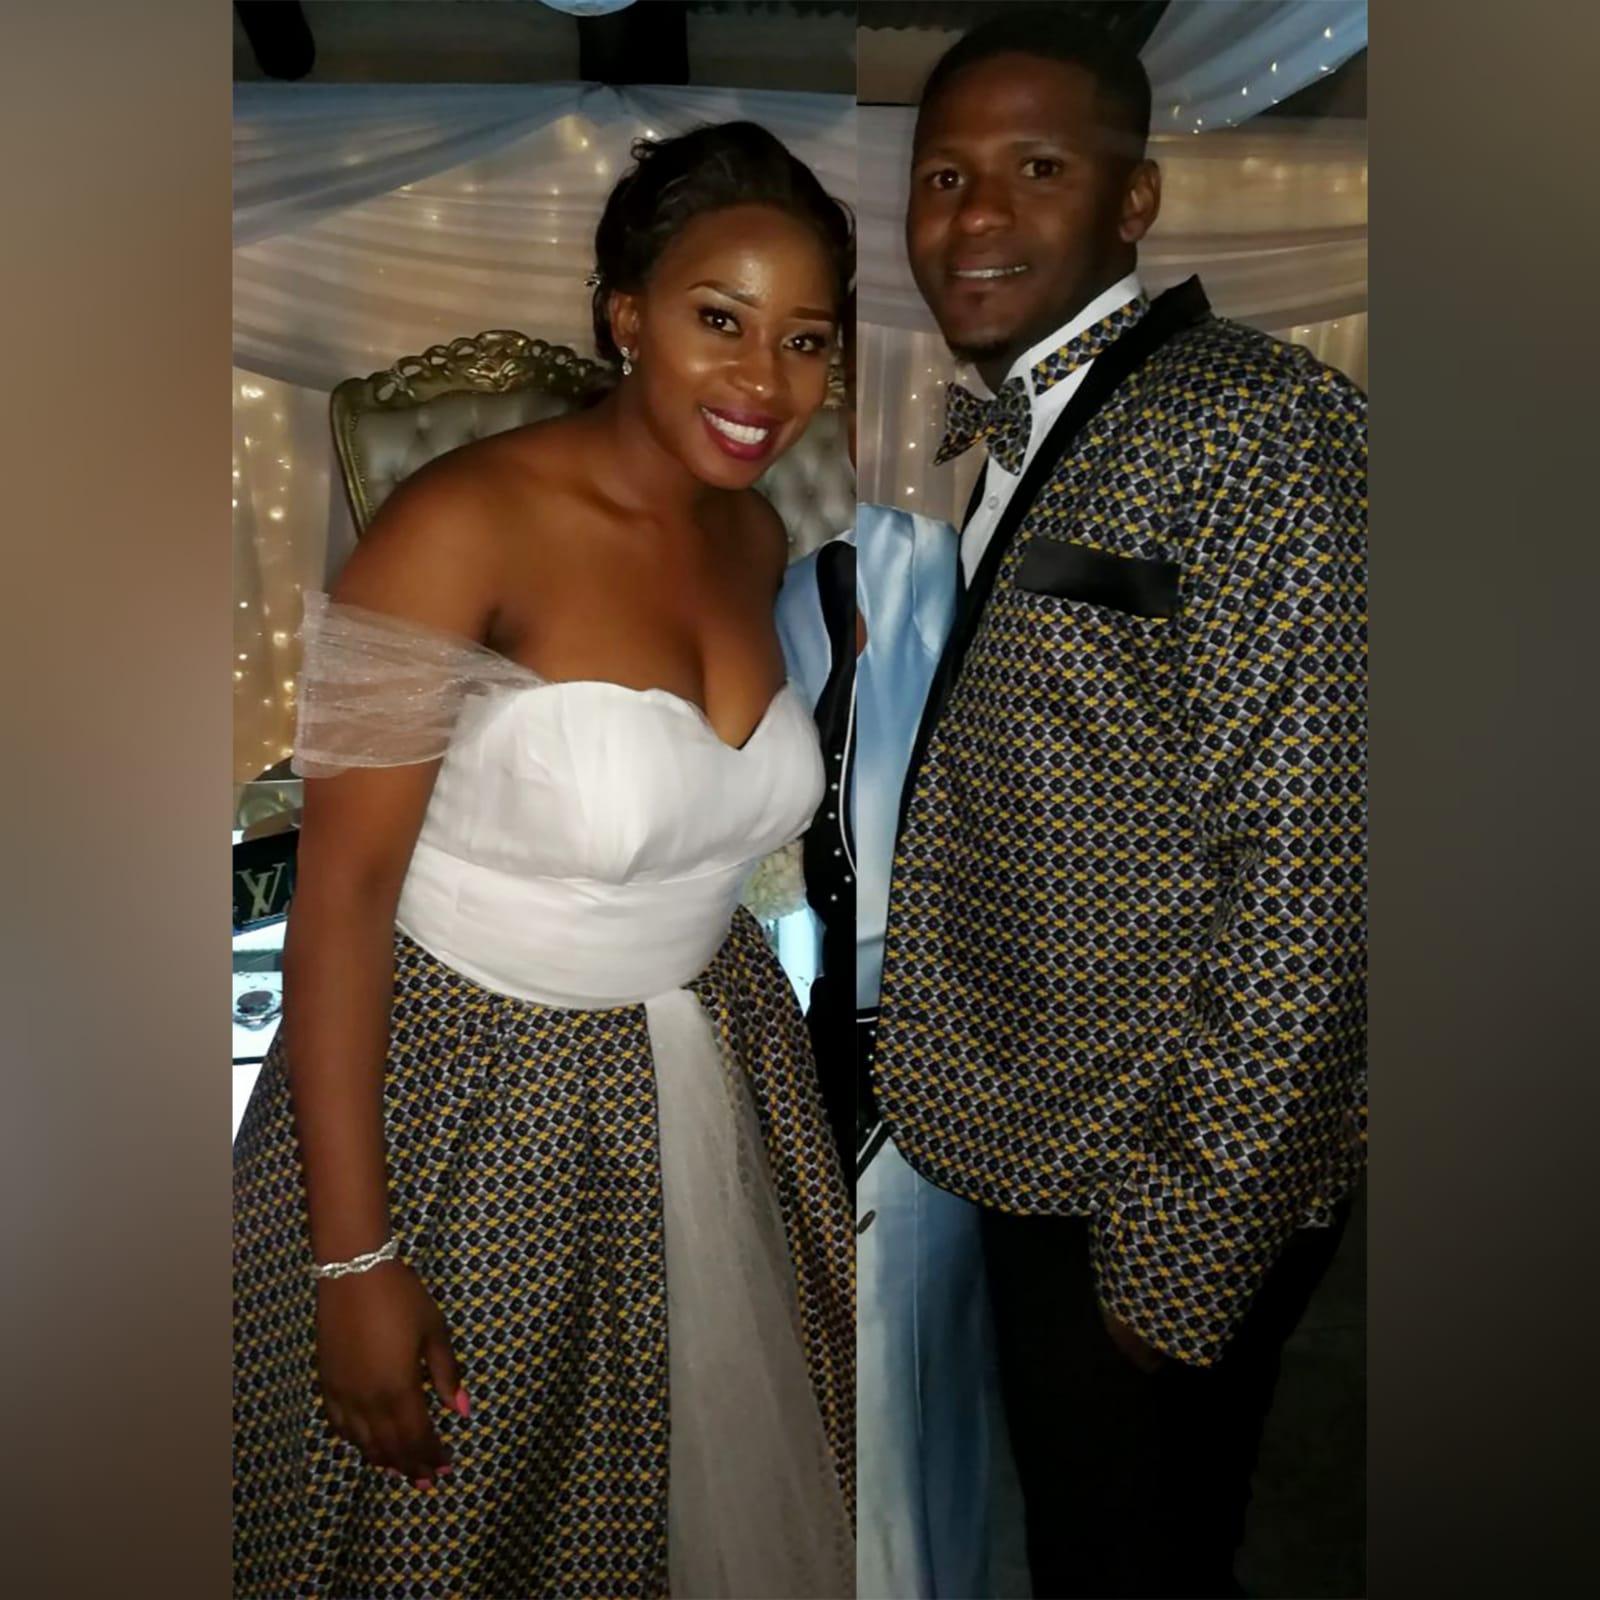 Vestido de noiva tradicional africano branco e castanho 4 vestido de noiva tradicional africano branco e castanho. Decote coração, alças fora de ombro em tule, com uma saia em tule e uma sobreposição de tecido tradicional africano. Casaco do noivo combinando e gravata-borboleta